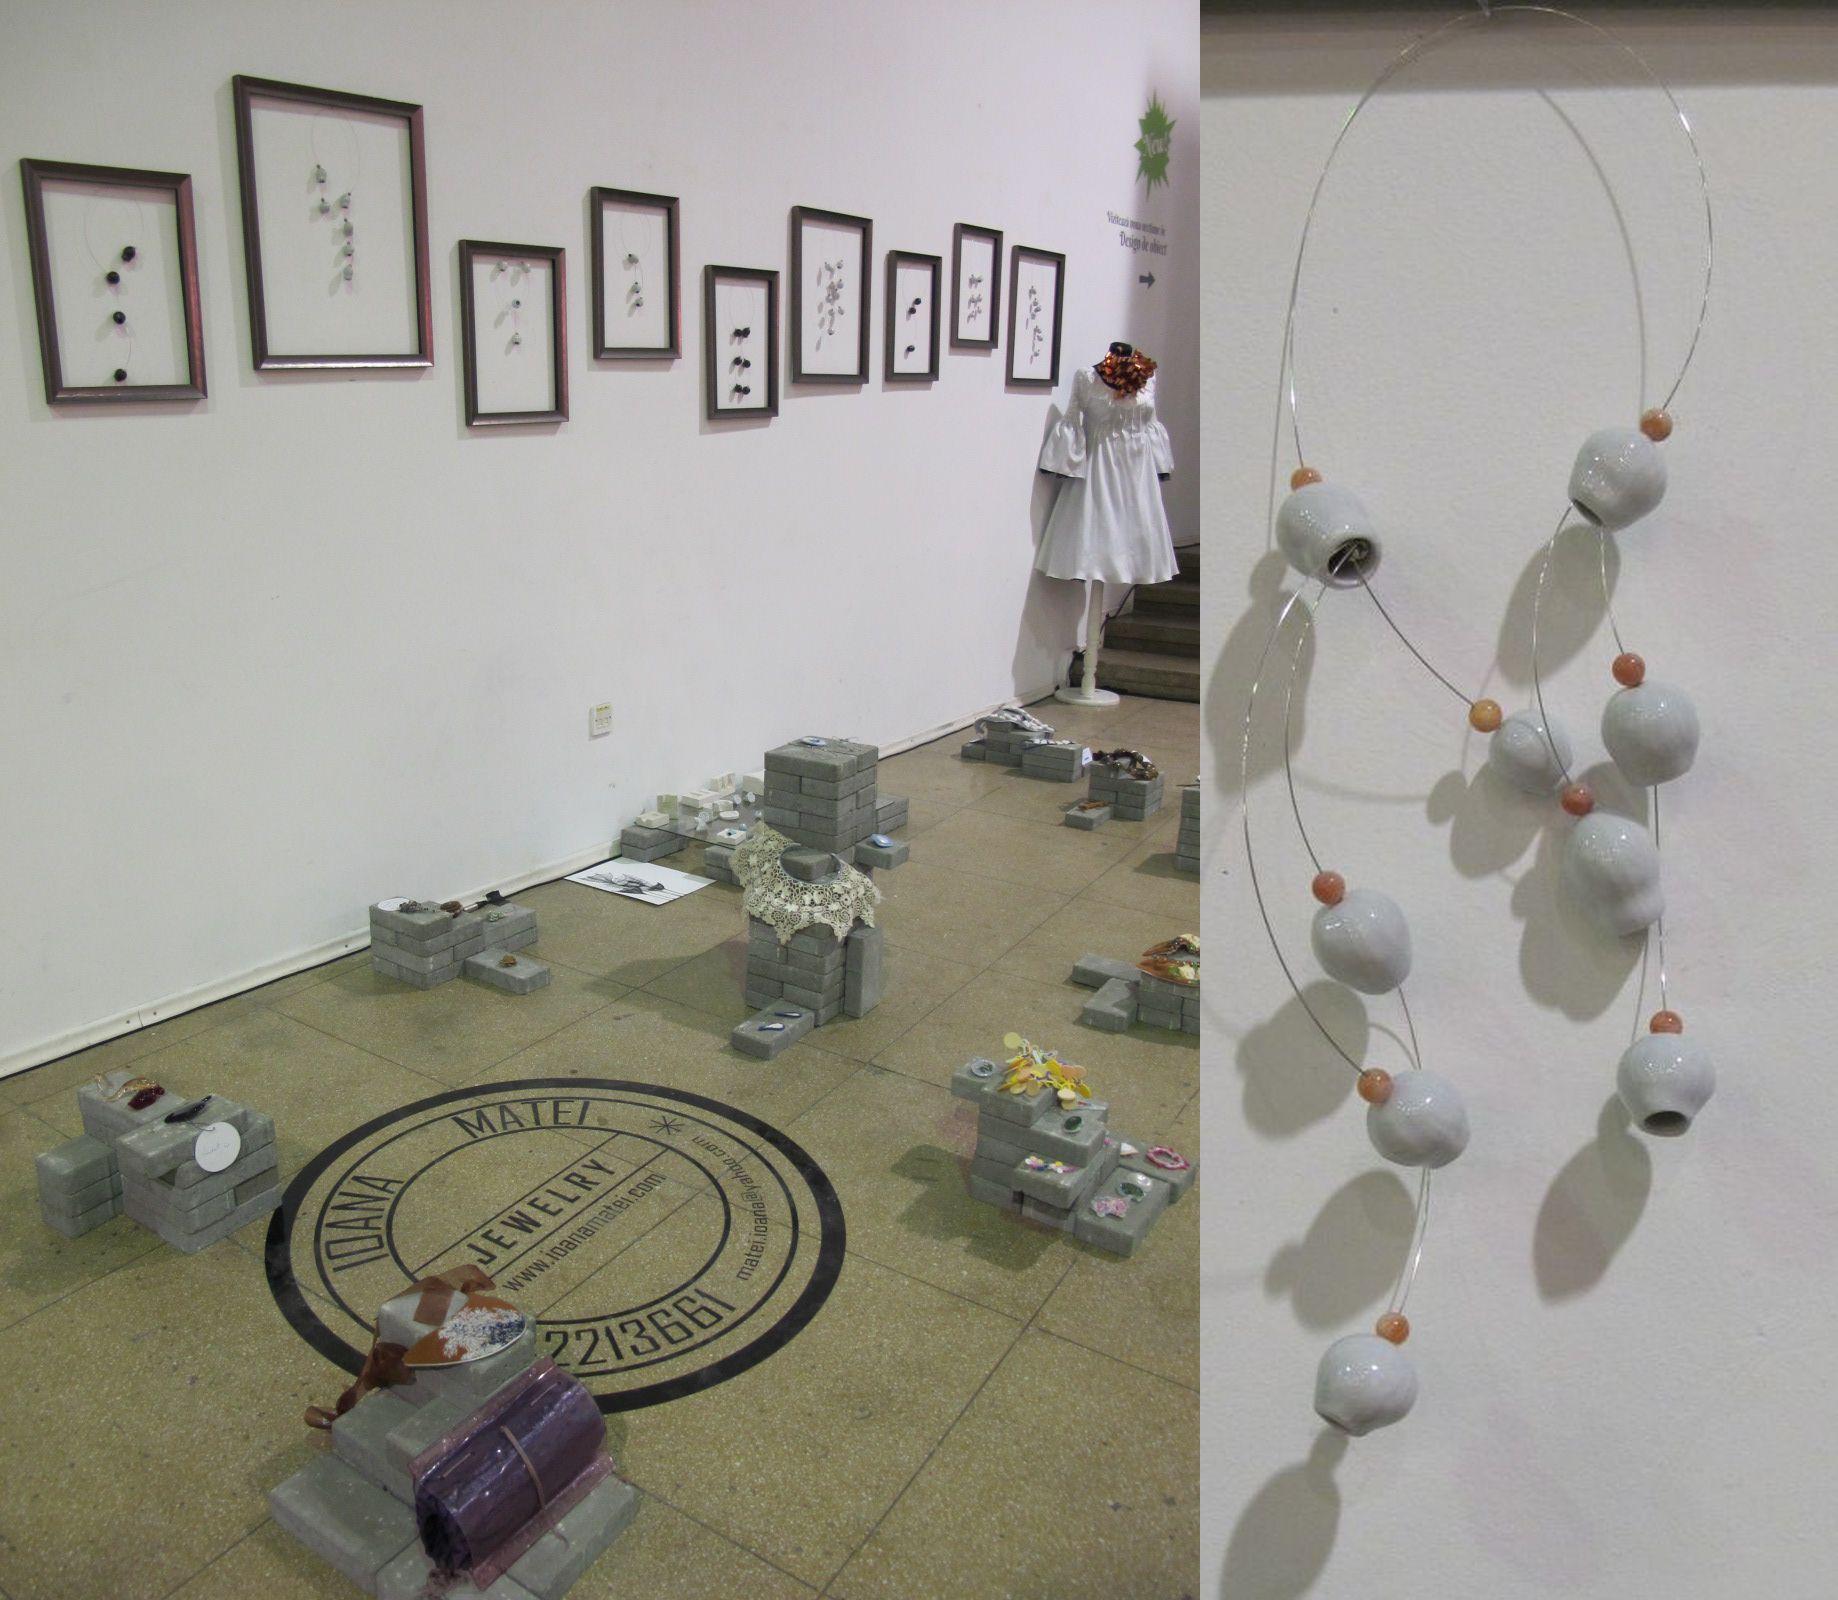 Bijuterii contemporane create de Ioana Matei www.ioanamatei.com le poti gasi in magazinele Idelier din Bucuresti si Newelle din Constanta. Absolut surprinzatoare!